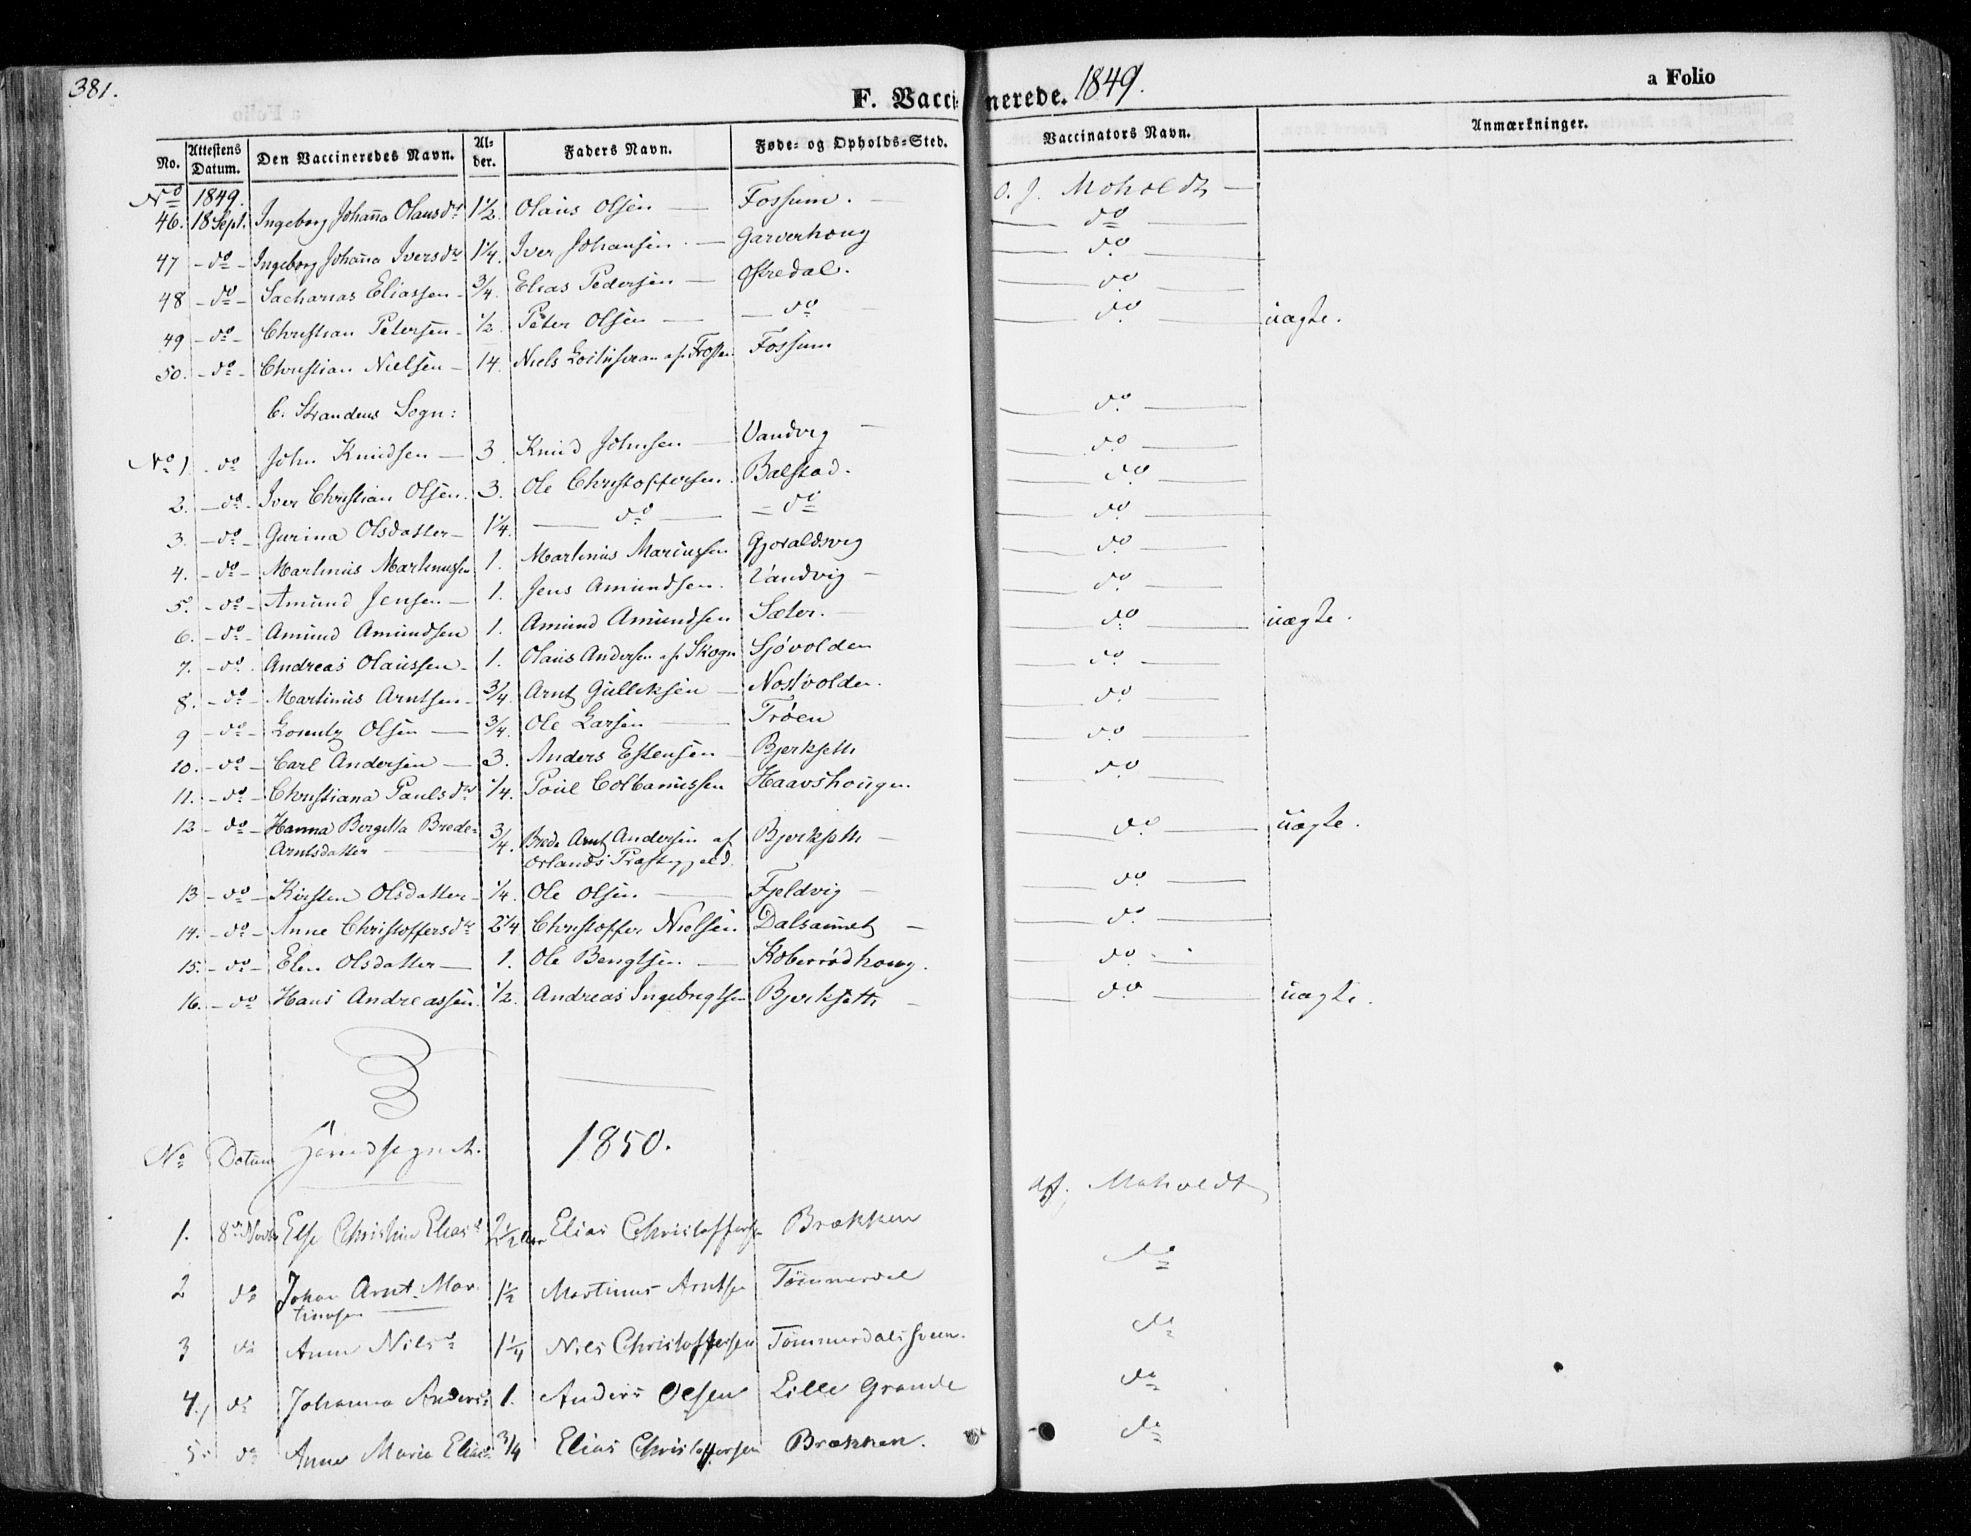 SAT, Ministerialprotokoller, klokkerbøker og fødselsregistre - Nord-Trøndelag, 701/L0007: Ministerialbok nr. 701A07 /1, 1842-1854, s. 381